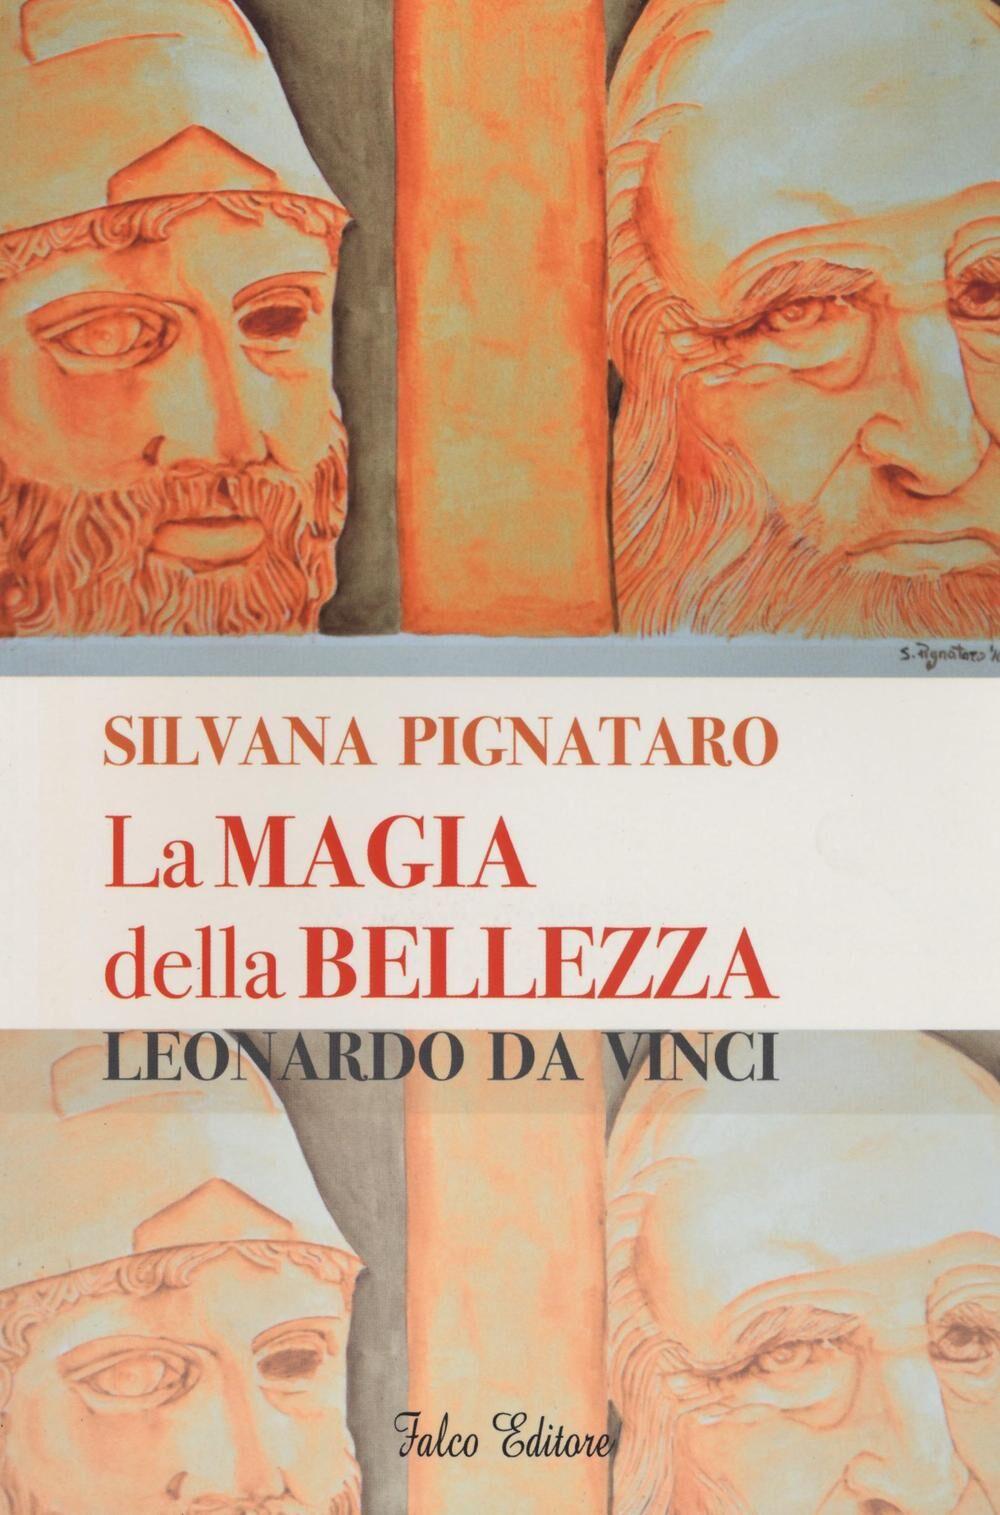 La magia della bellezza. Leonardo da Vinci